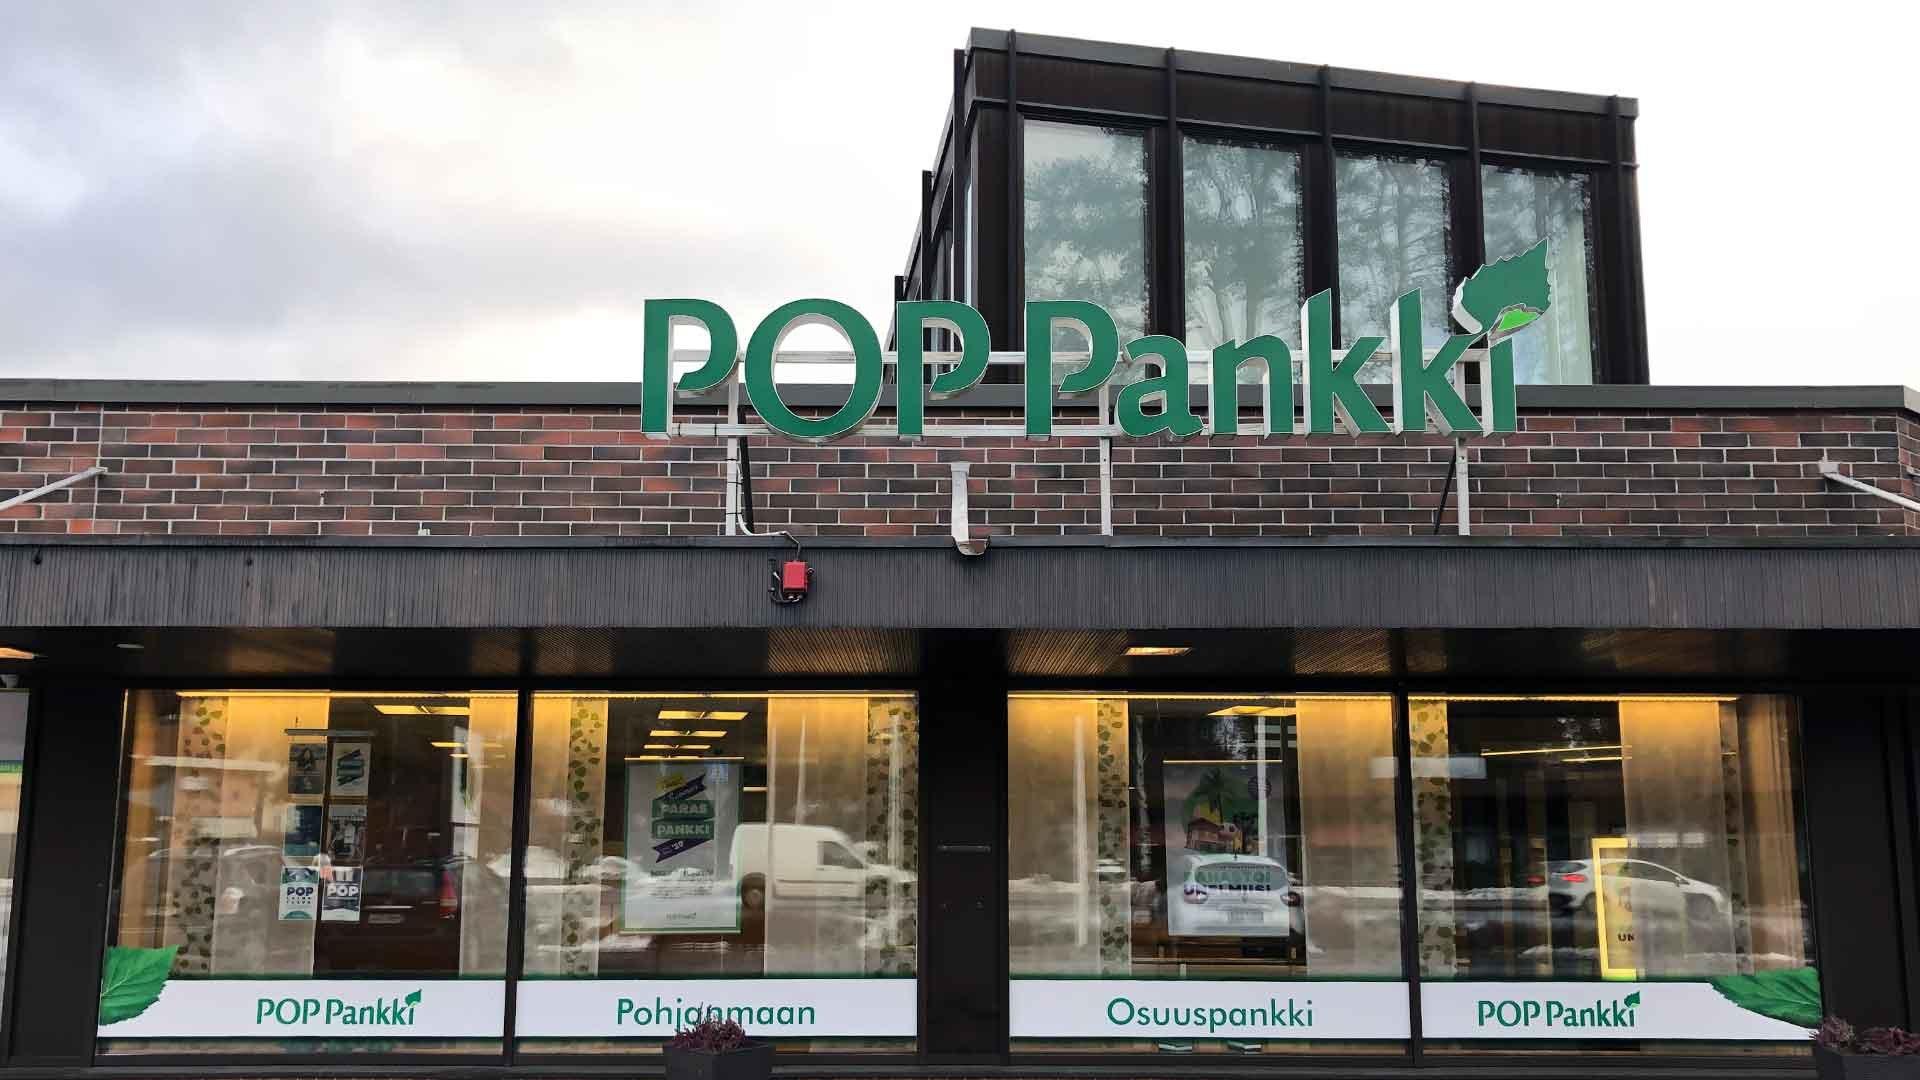 POP Pankki Pohjanmaan Alahärmän konttori.